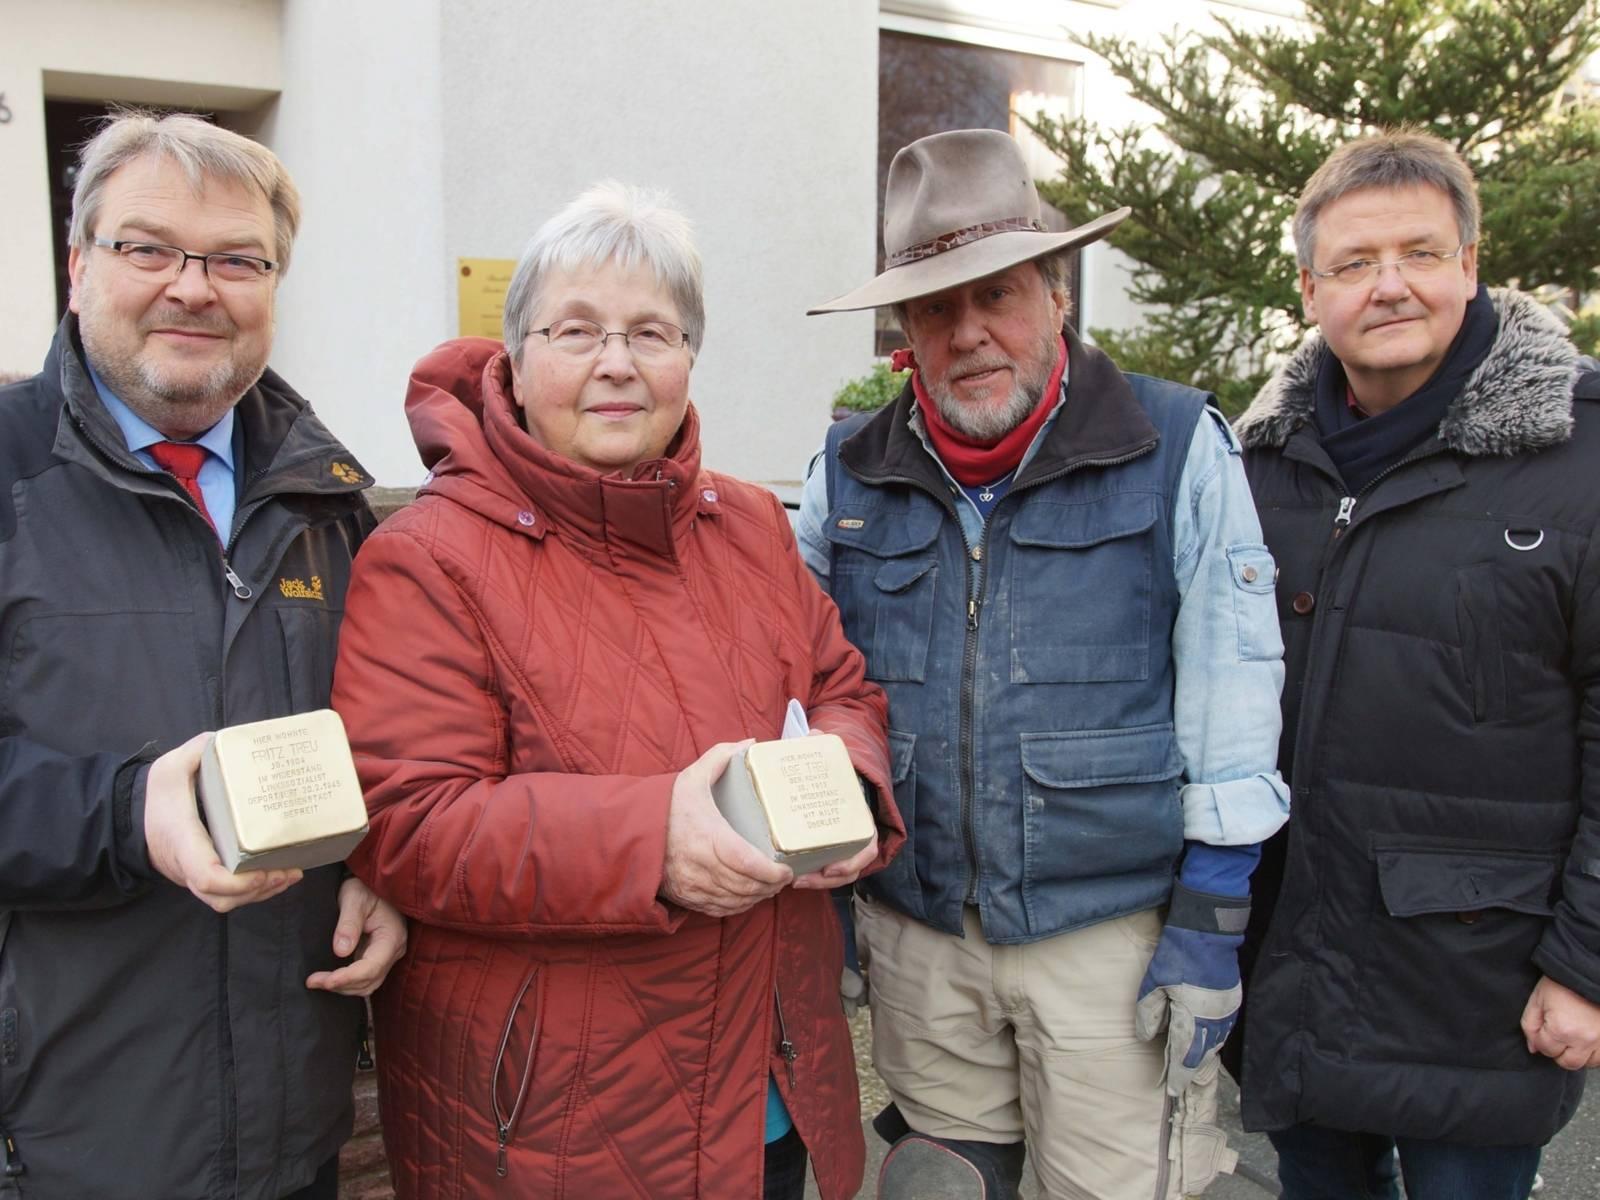 Drei Männer und eine Frau mit zwei Stolpersteinen.